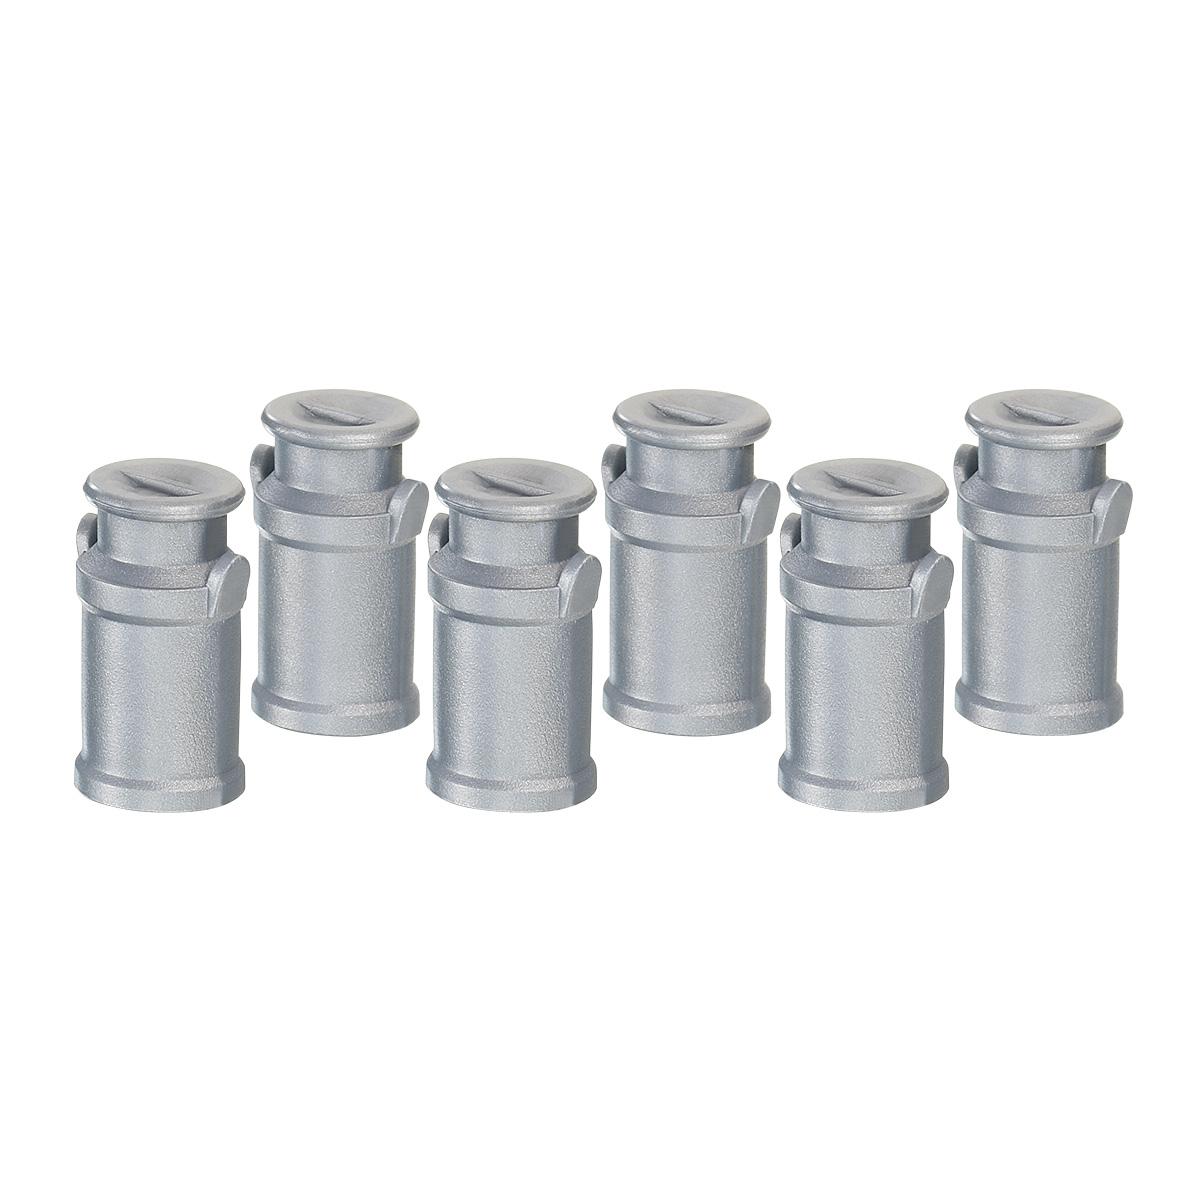 パーツ ミルク缶24個セット (ジク・SIKU)